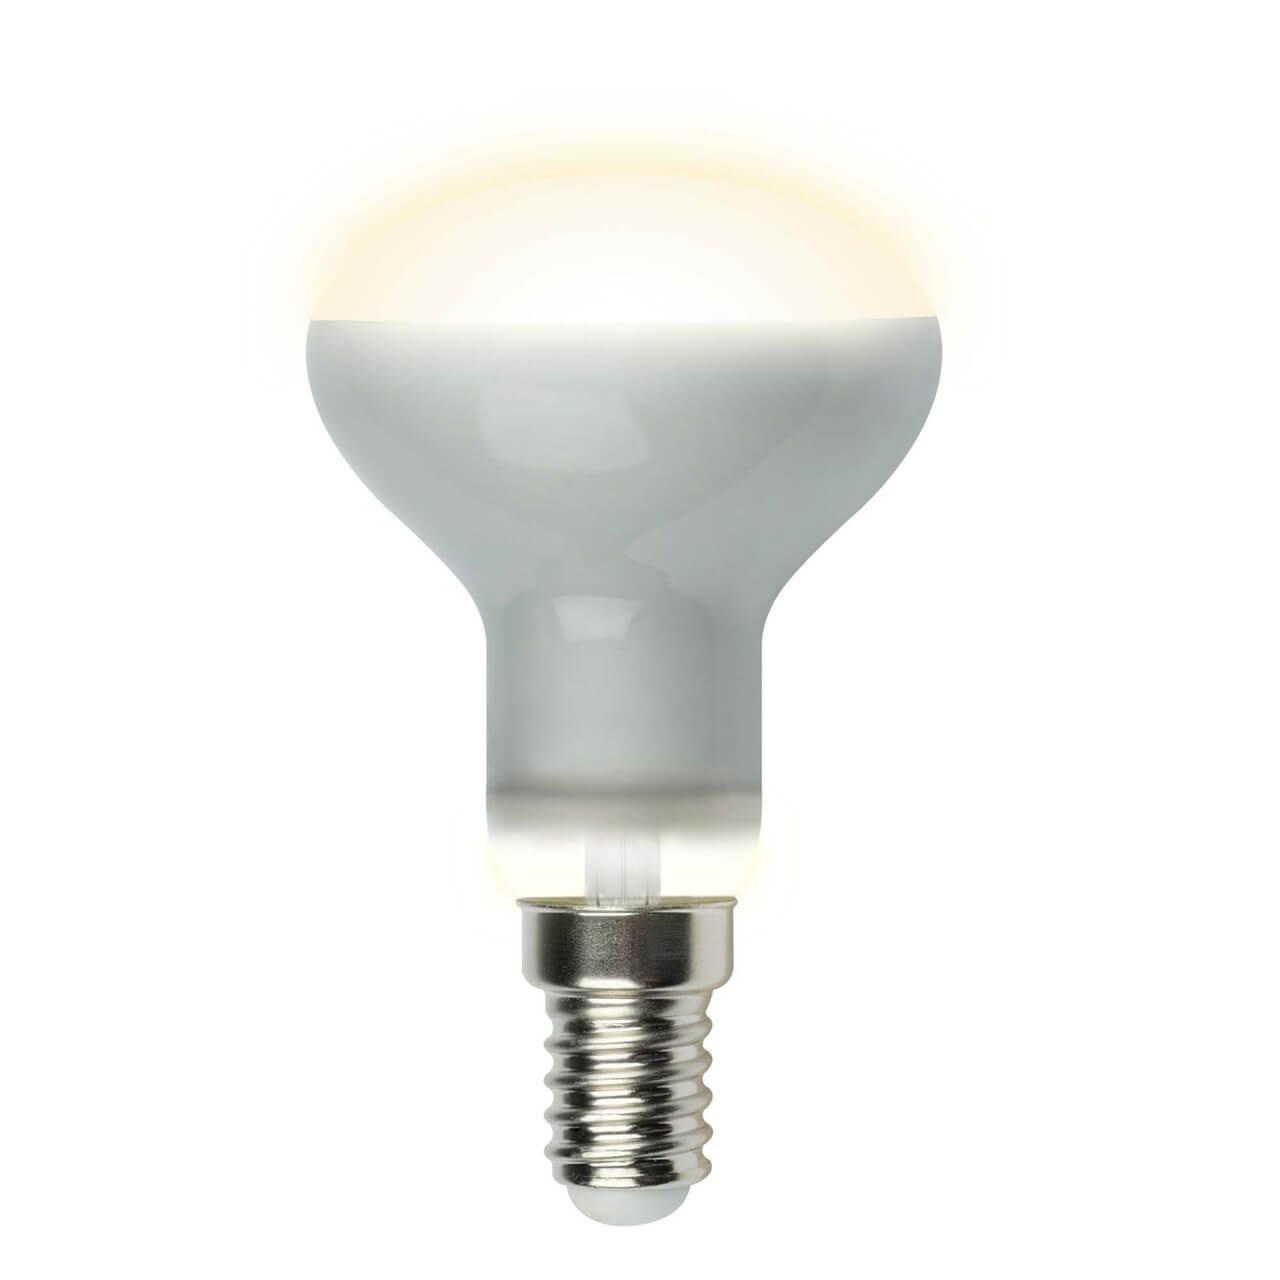 Лампа светодиодная рефлекторная (UL-00001491) Uniel E14 6W 3000K матовая LED-R50-6W/WW/E14/FR PLS02WH цена